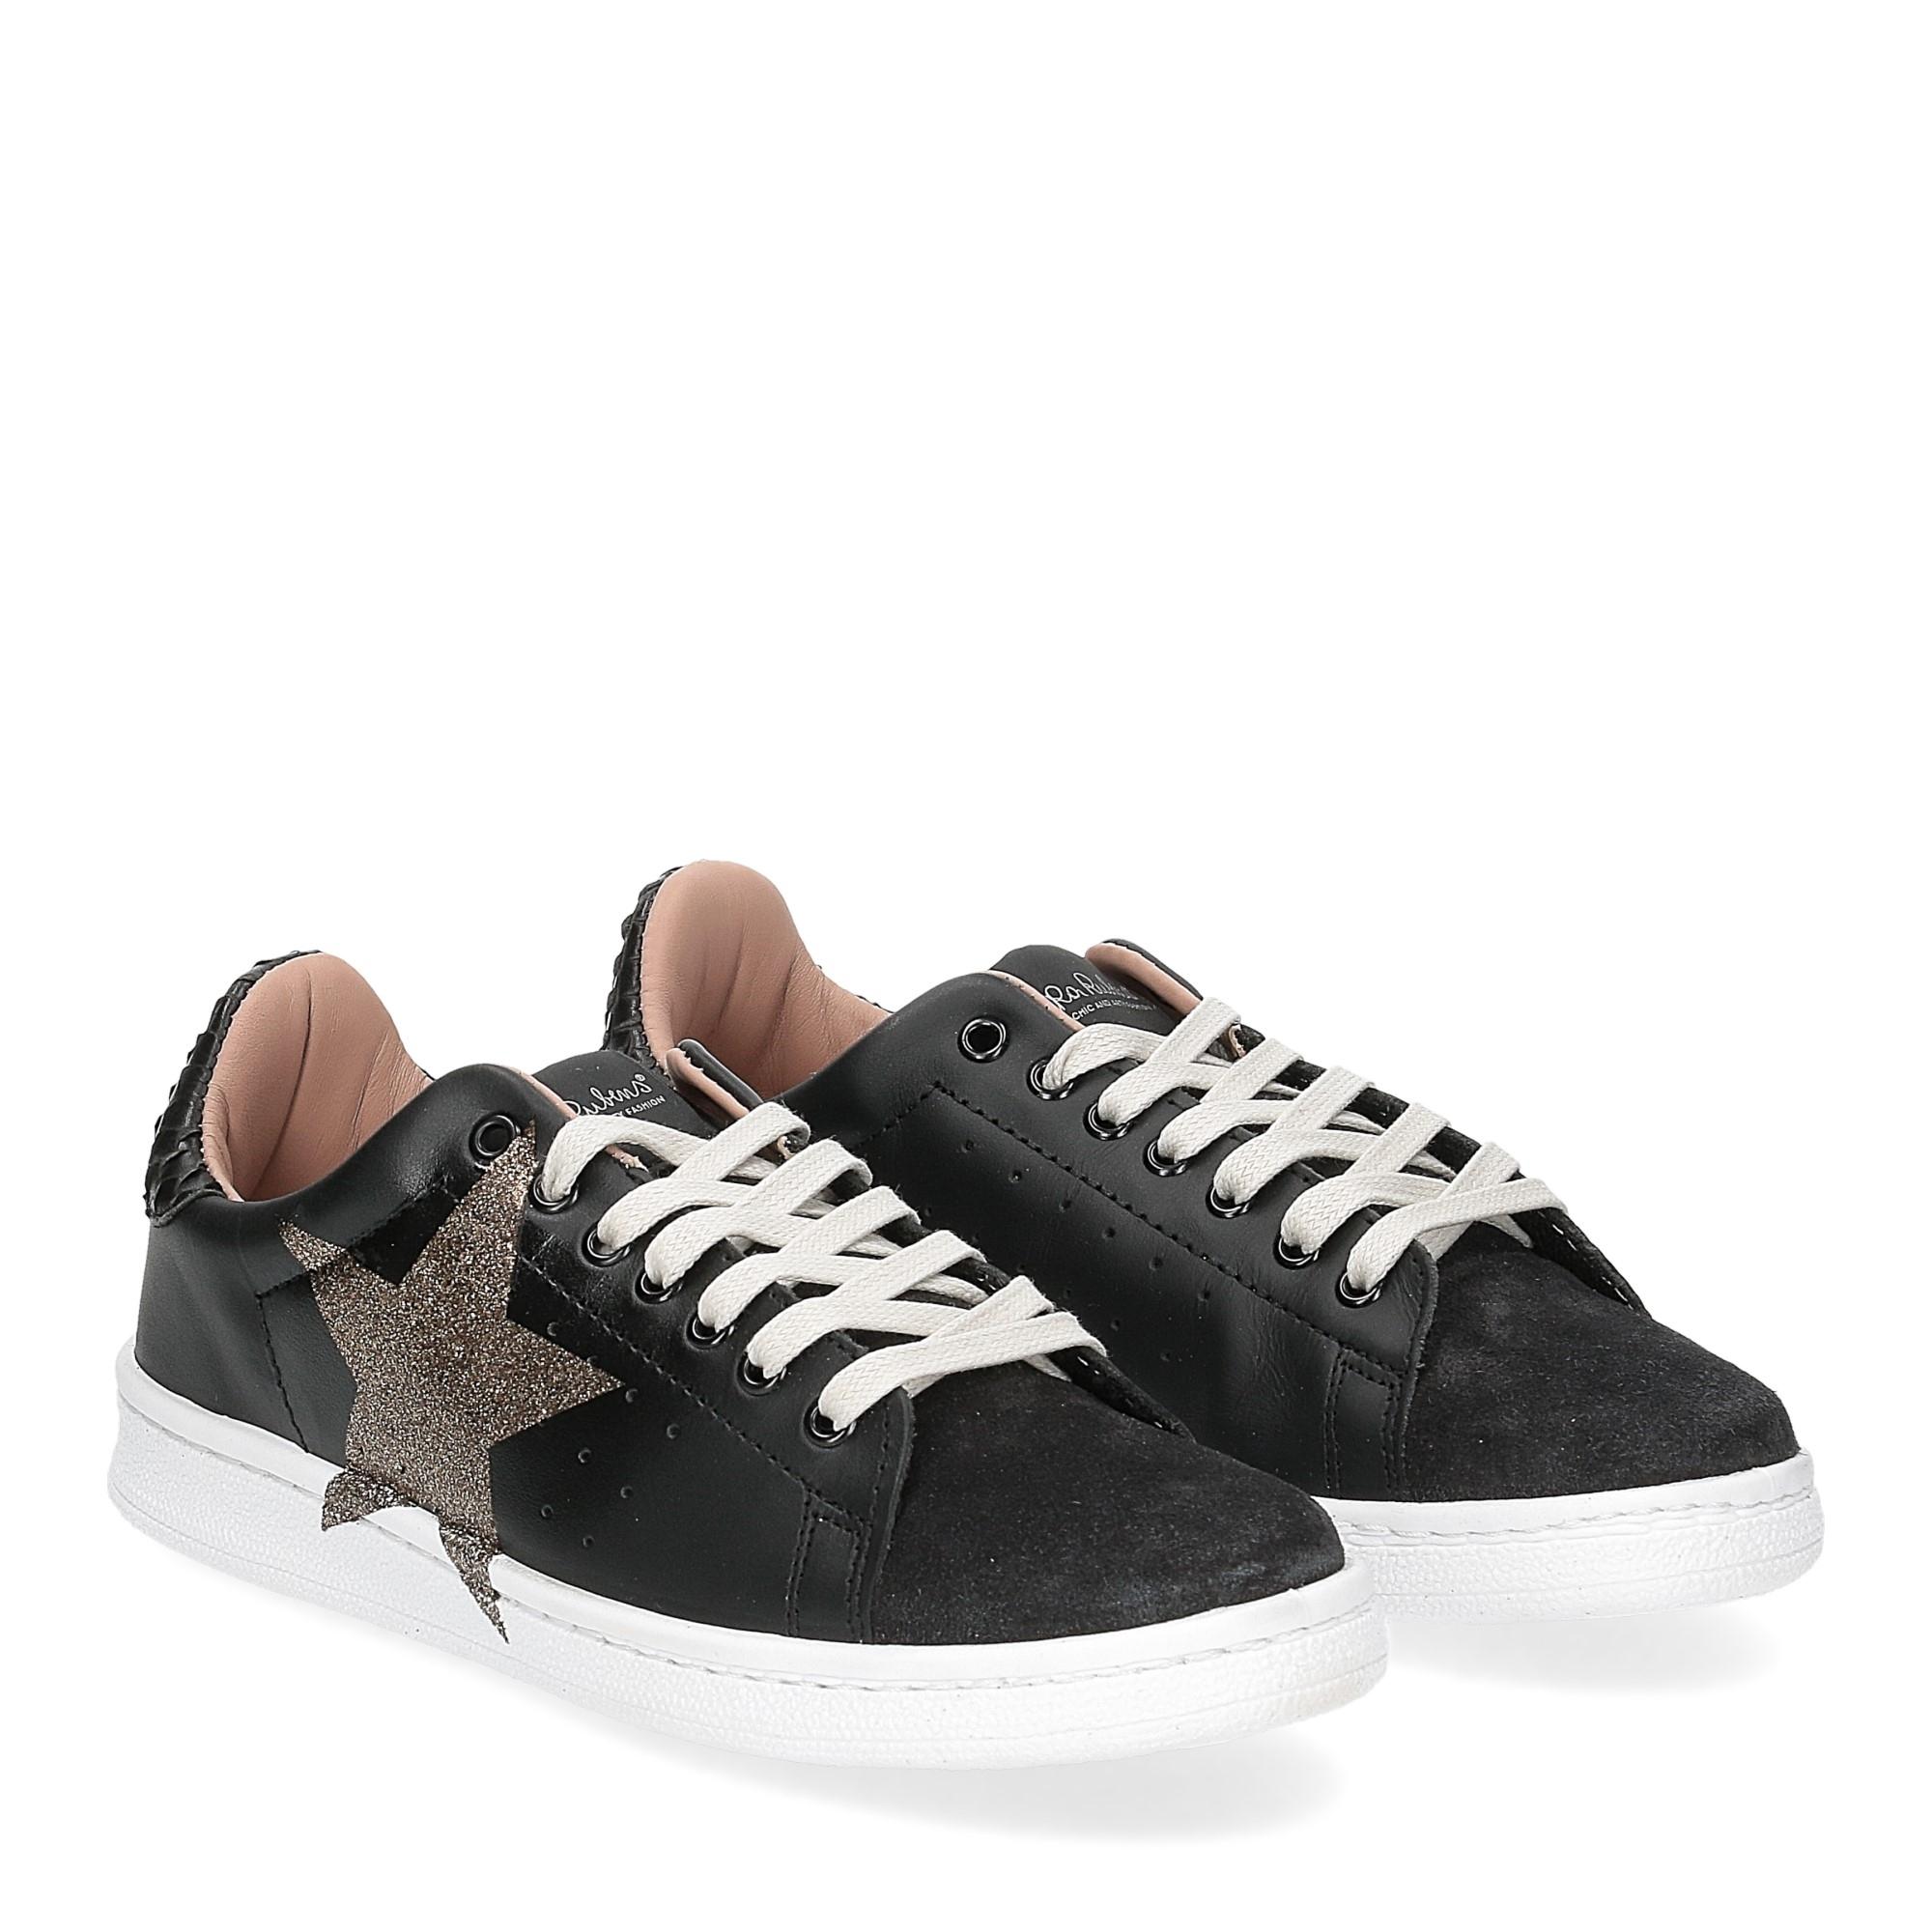 Nira Rubens daiquiri DAST160 sneaker nera stella boa black glitter